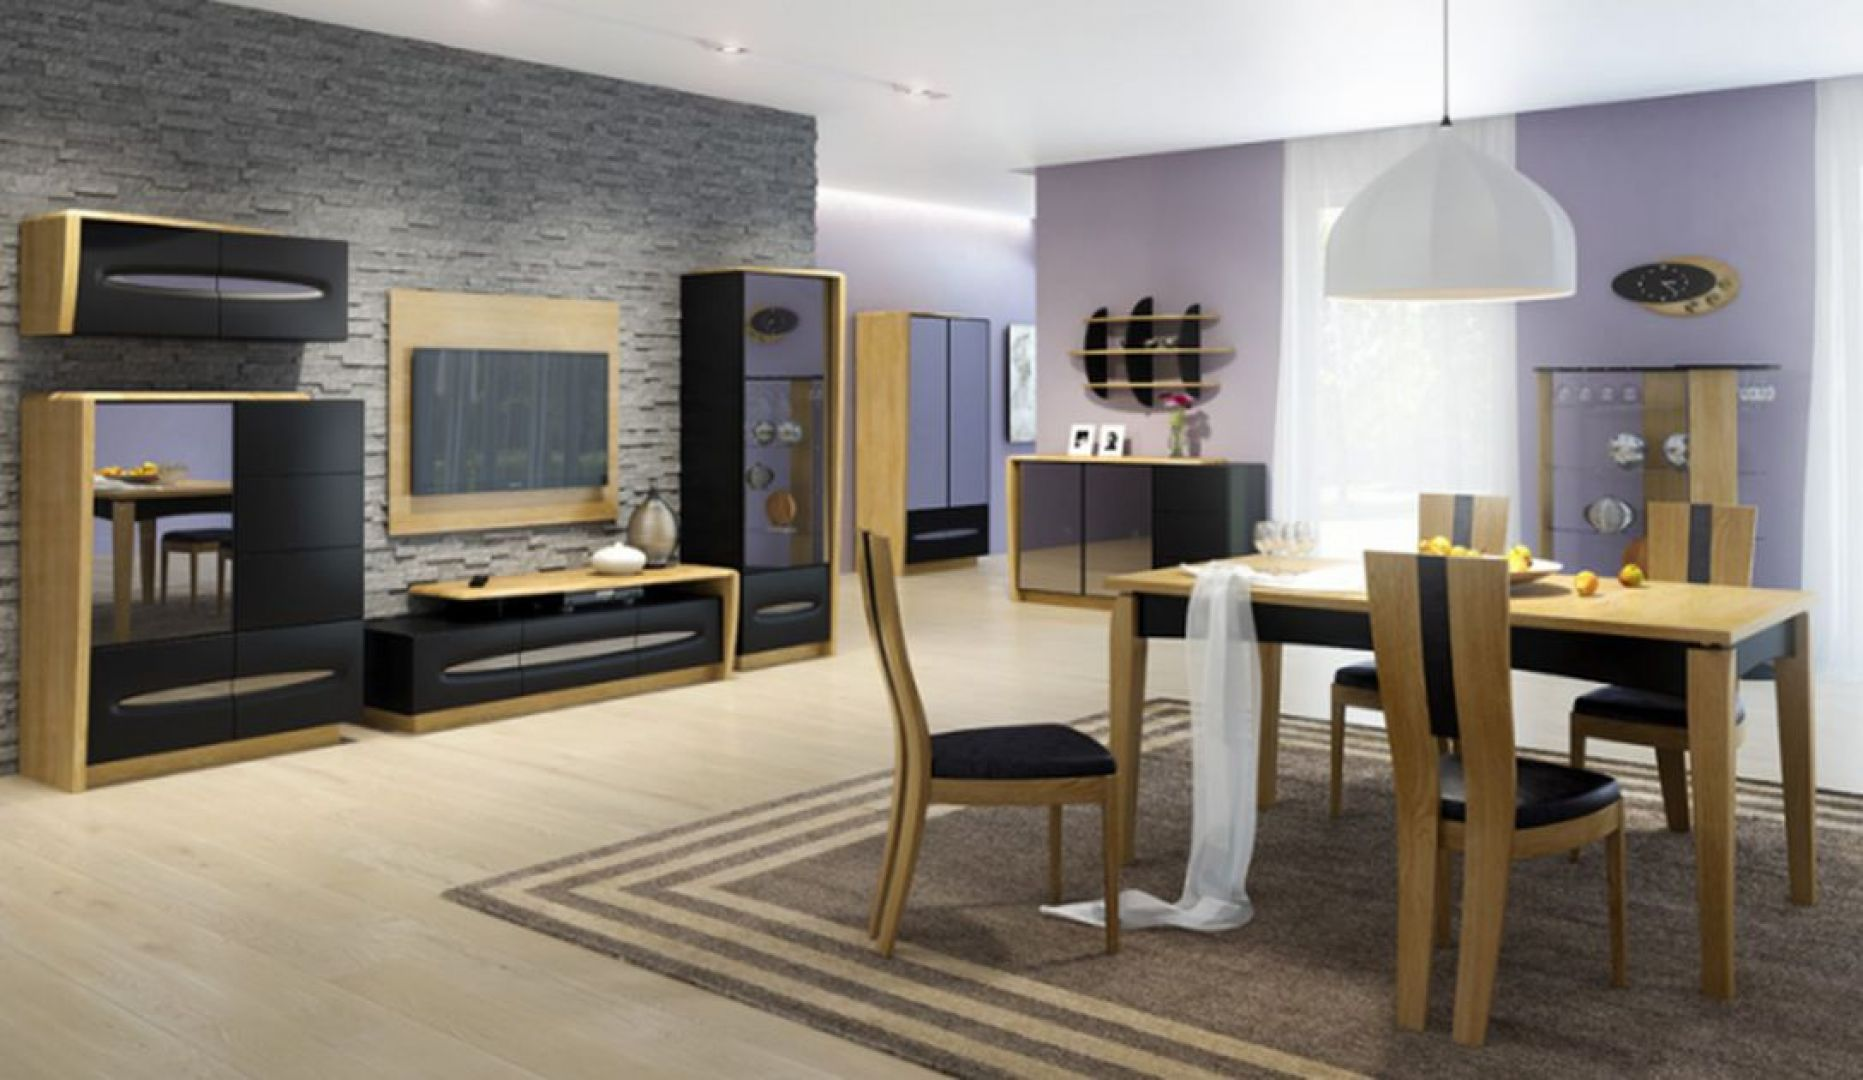 Kolekcja Elisse to eleganckie połączenie delikatnego drewna w karmelowym kolorze ze zmysłową czernią. Dedykowana jest salonom i jadalniom. Fot. Mebin